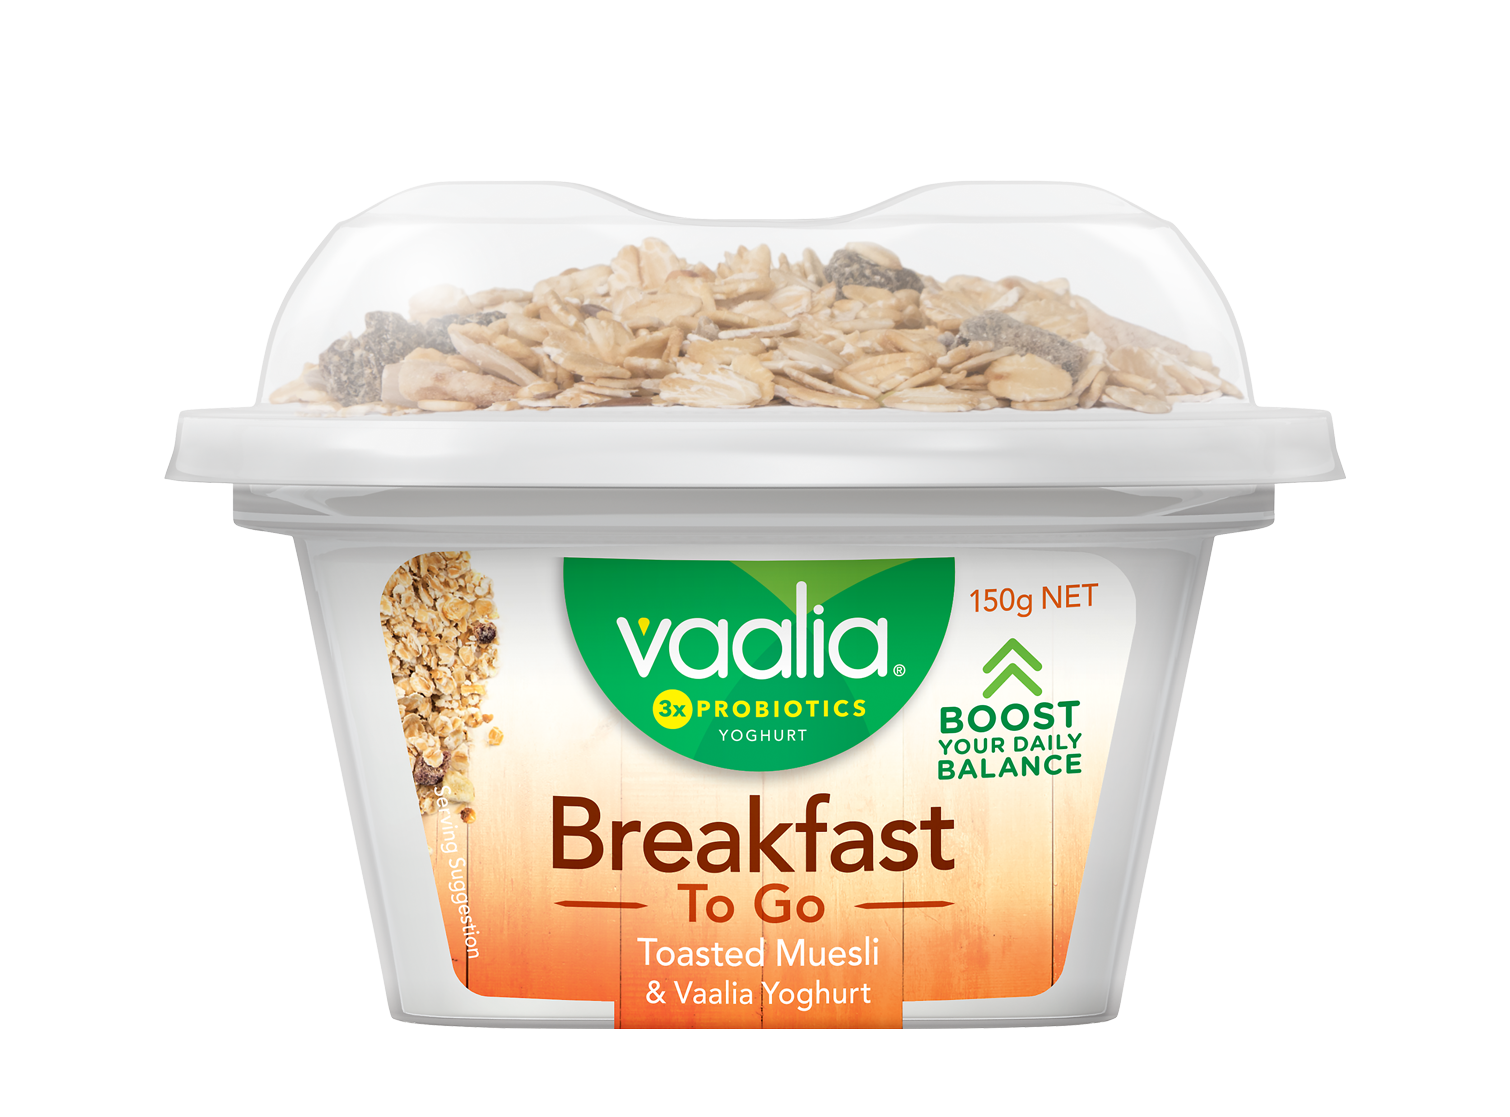 Vaalia Breakfast To Go 150g - Toasted Muesli